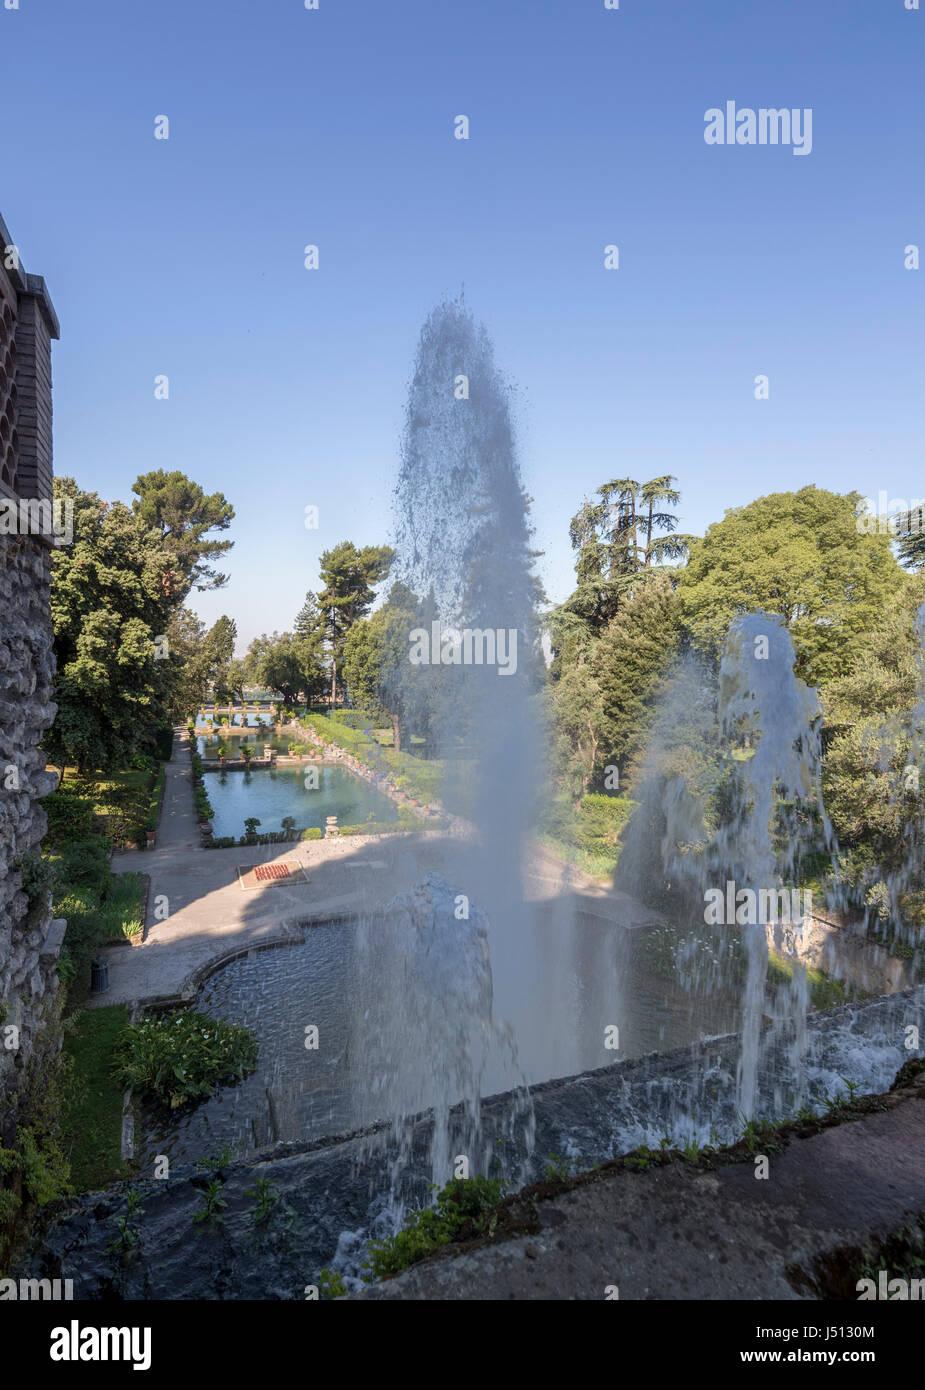 The Fountain of Neptune (Fontana di Nettuno) and the Fish ponds, Villa d'Este, Tivoli, near Rome, Italy - Stock Image